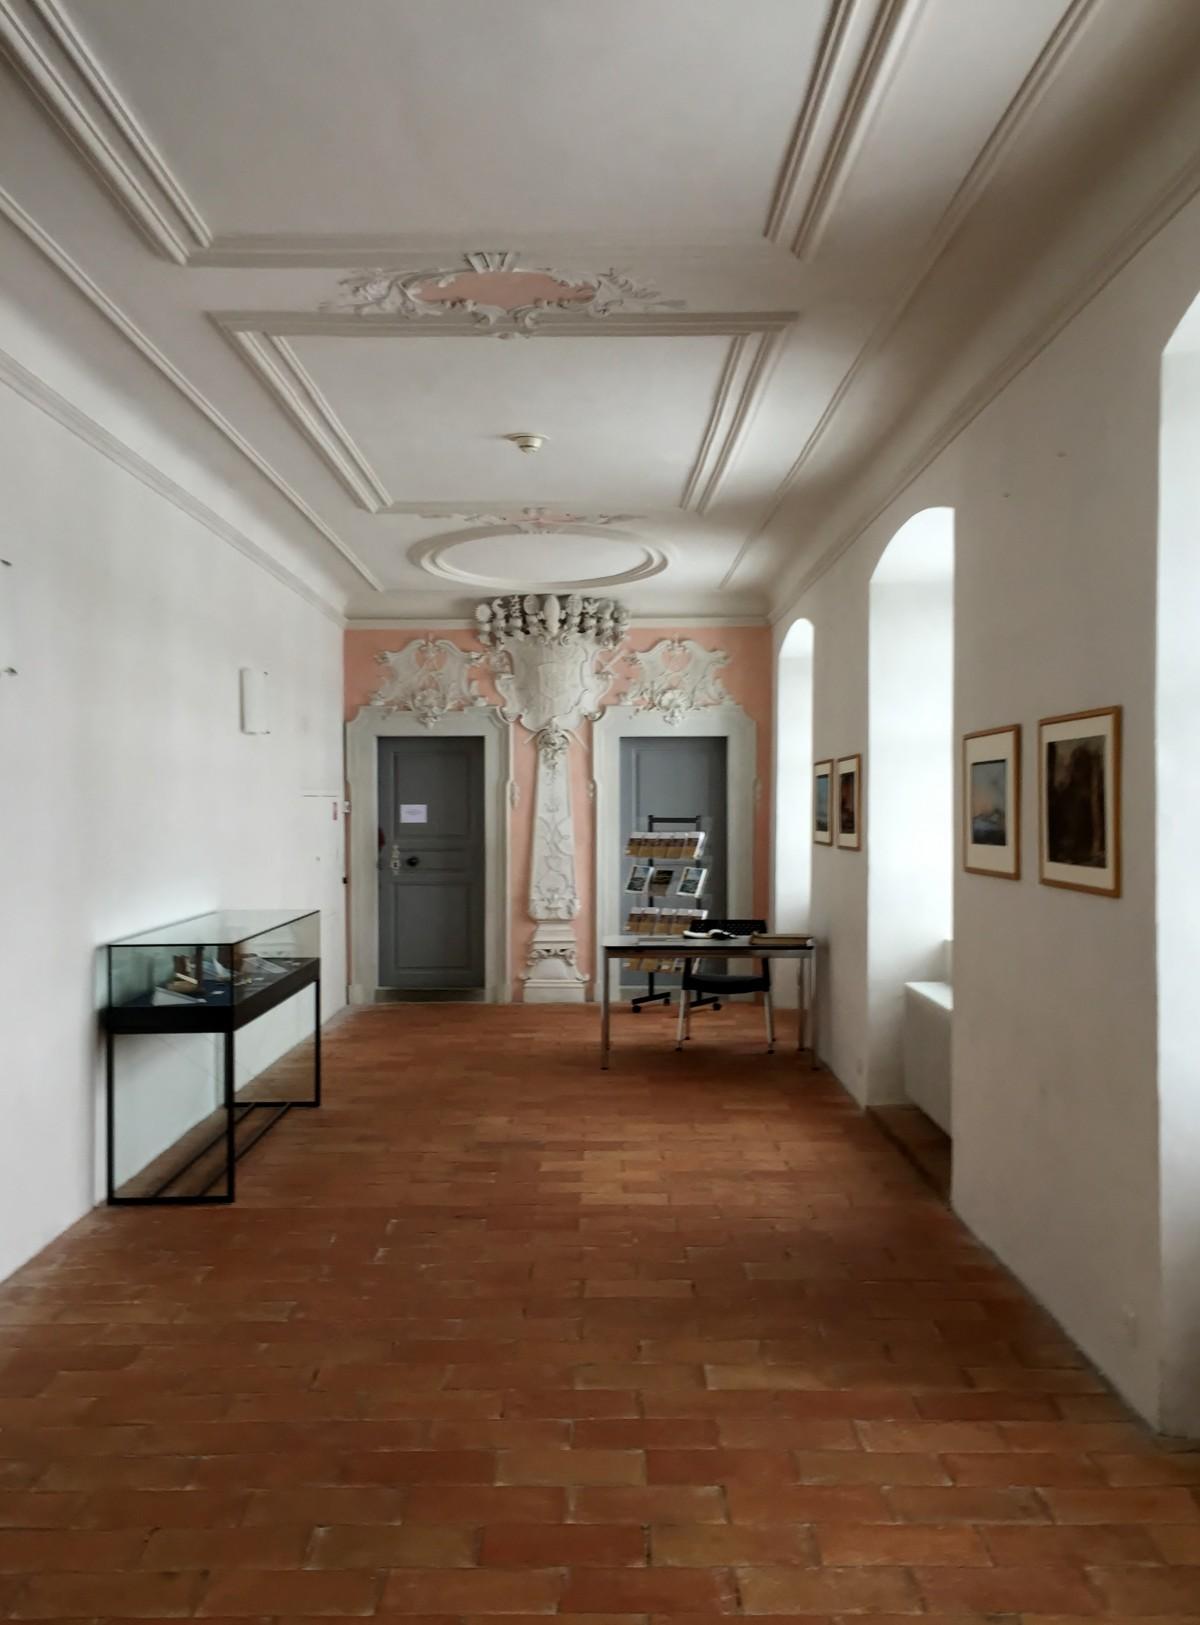 Fotos gratis arquitectura piso edificio casa techo for Diseno pasillos interiores